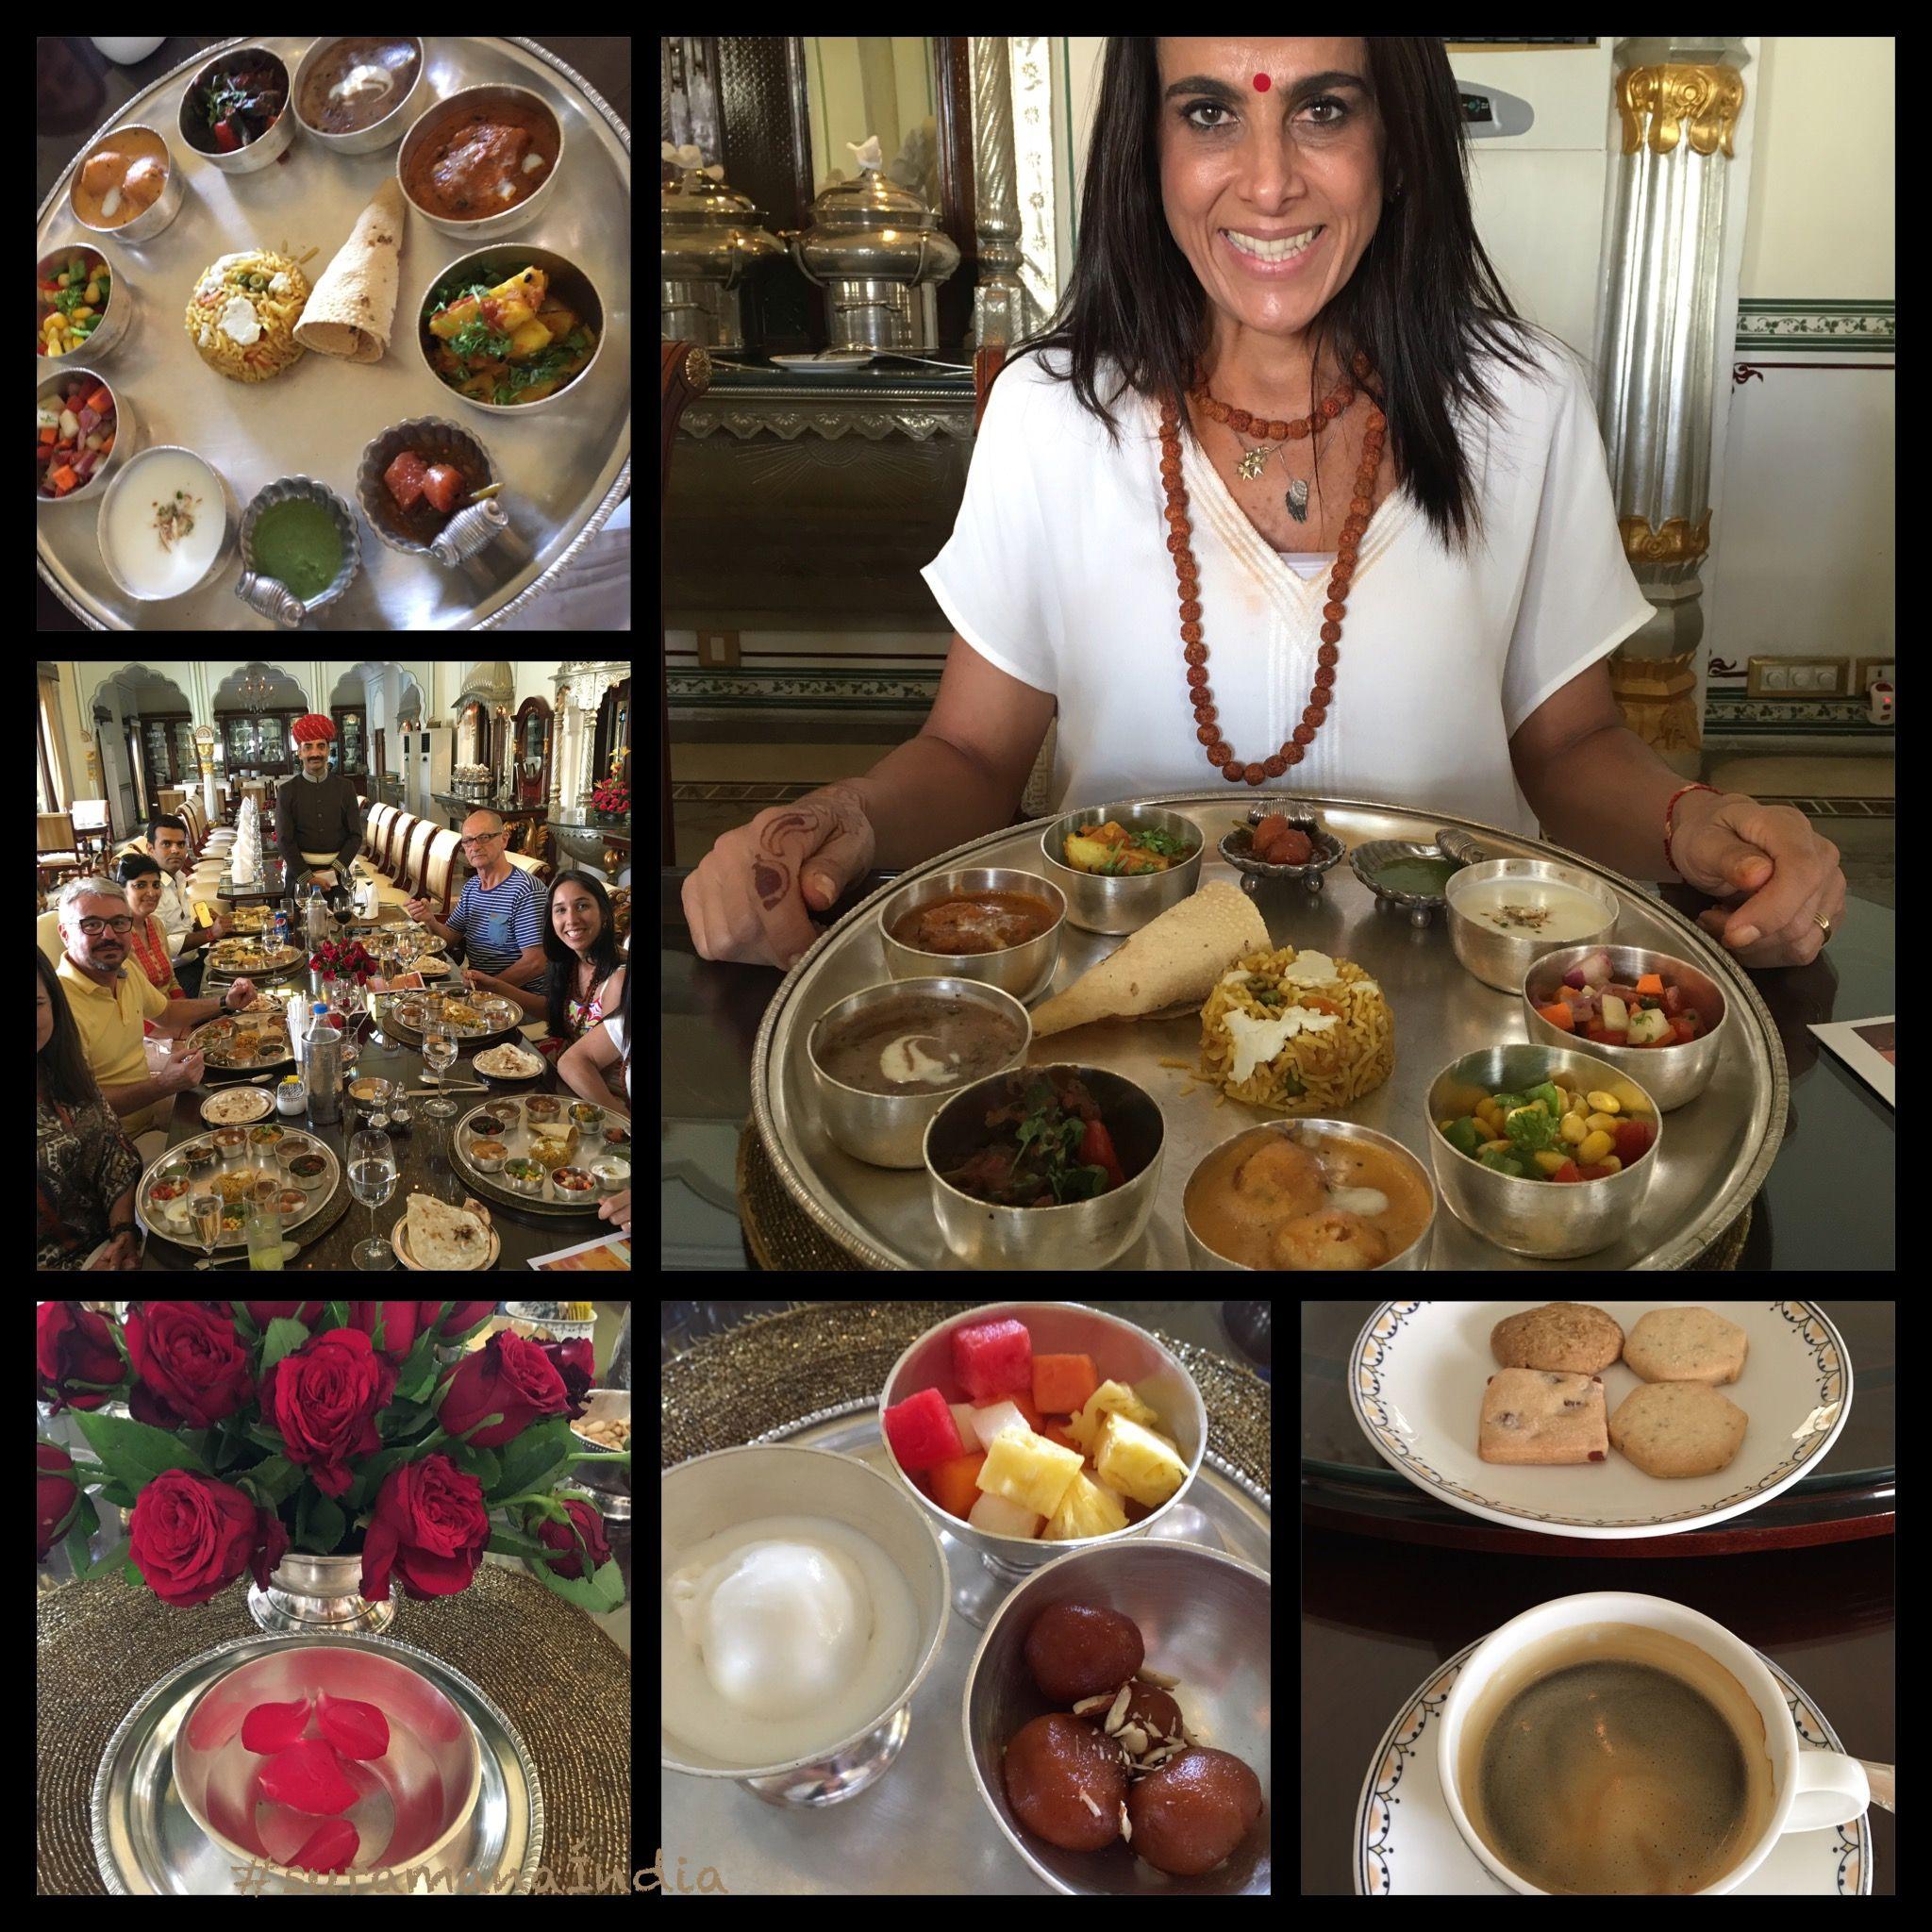 Experiência ÚNICA no restaurante Swapan Mahal Palace, um verdadeiro palácio dos sonhos, onde tivemos a oportunidade de vivenciar o menu degustação de um dos TOP 15 melhores restaurantes do mundo!! Me sinto muito agradecida com esta oportunidade! #SuramaJurdi #Índia #Namastê #Foco #Aprendizado #Novidades #Degustação #SaboresdaÍndia  